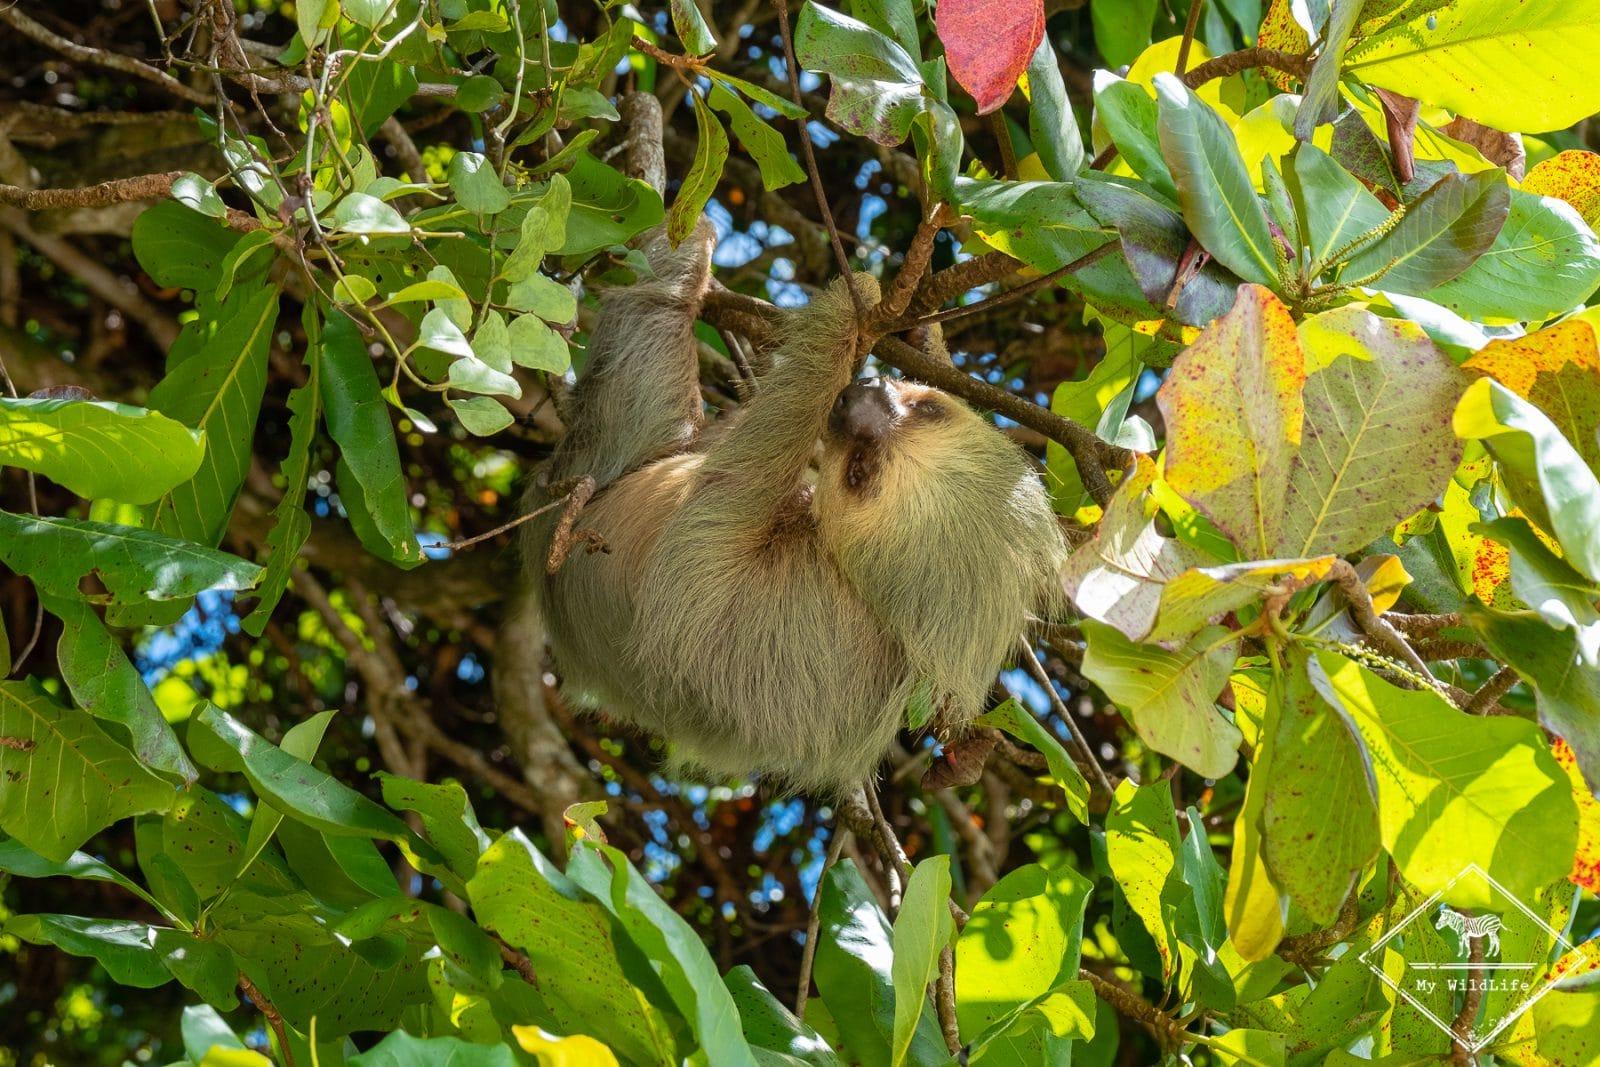 Animaux du Costa Rica, paresseux à 2 doigts